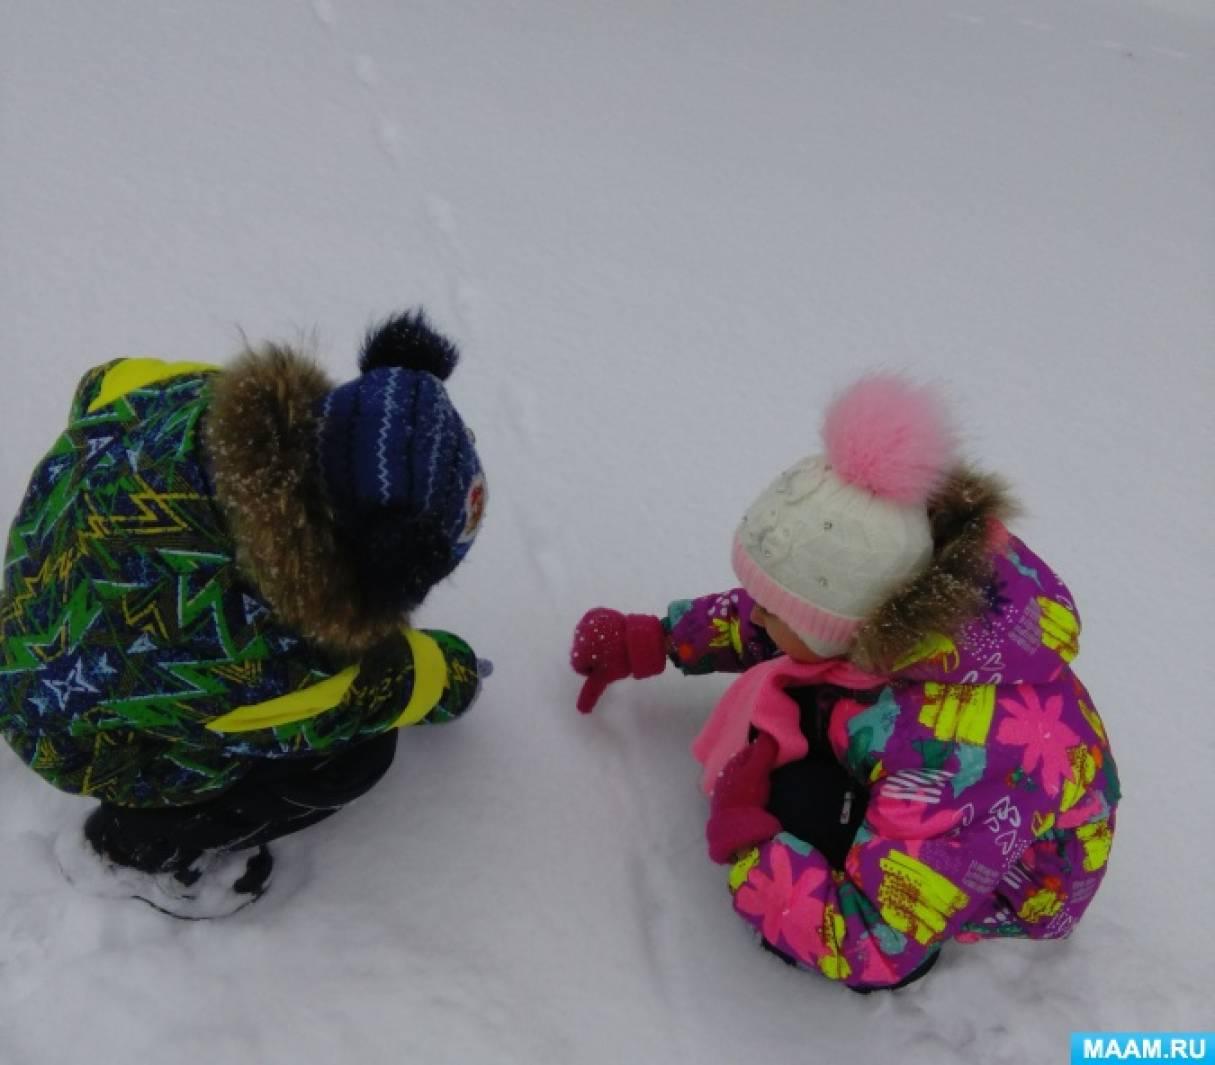 Проектная деятельность в детском саду «Почему нельзя есть снег?»